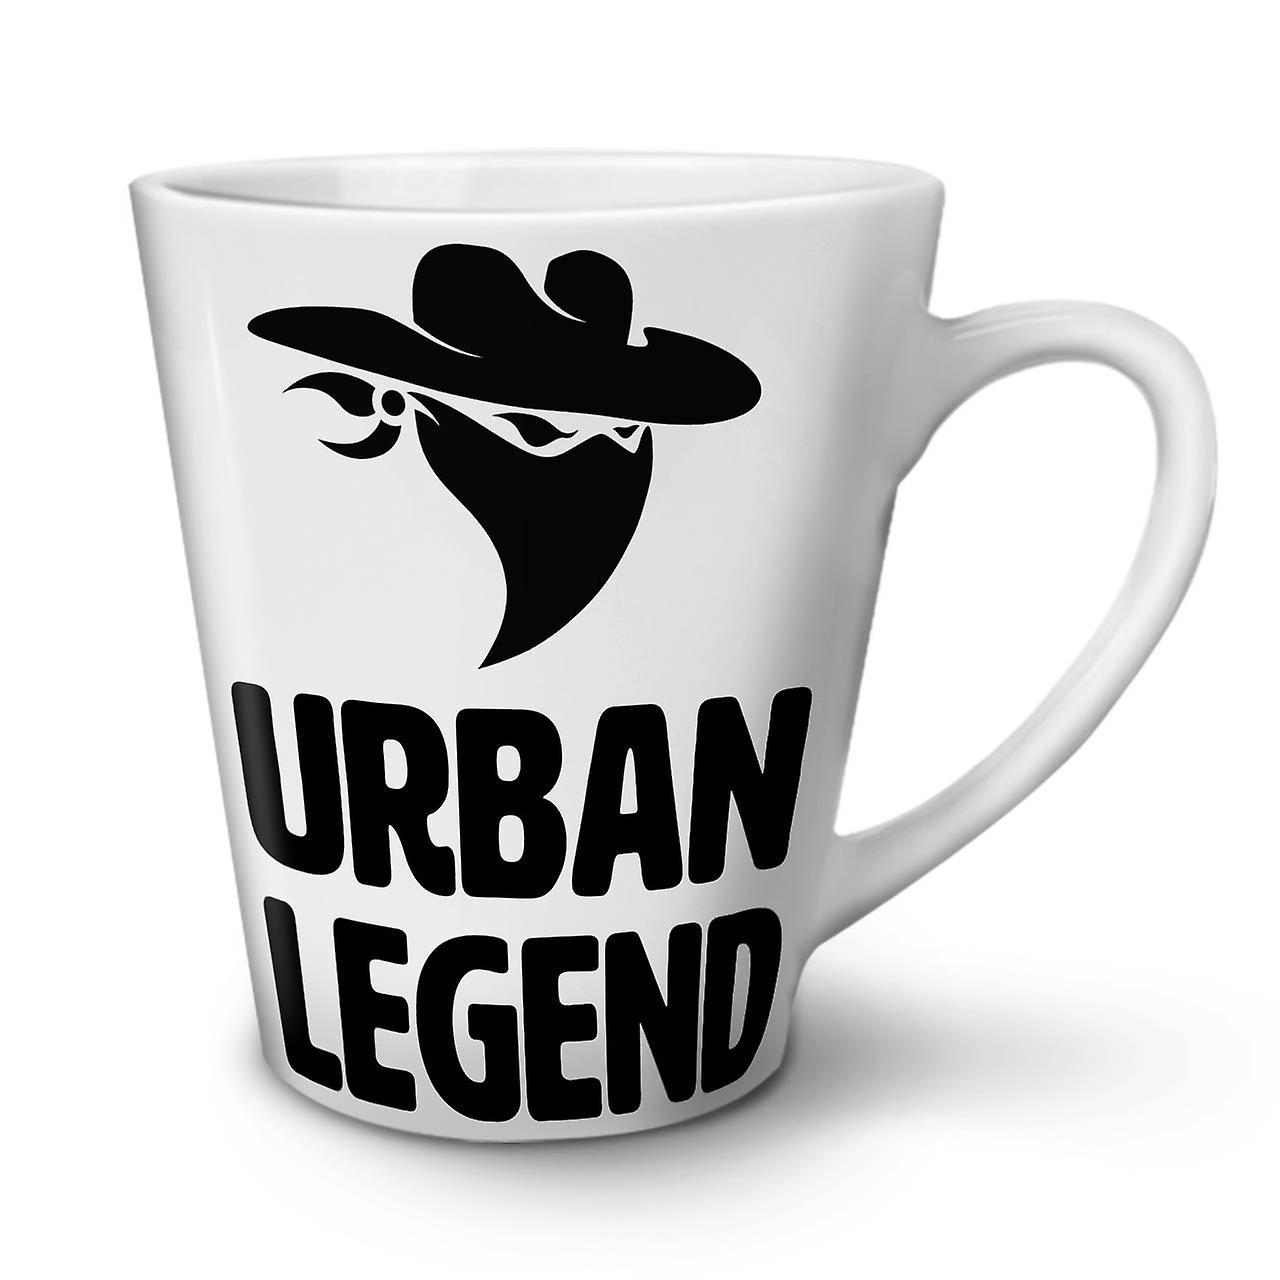 Céramique Blanche OzWellcoda Urbaine Bandit Nouvelle Légende En 12 Café Tasse Latte Yy6bfIgv7